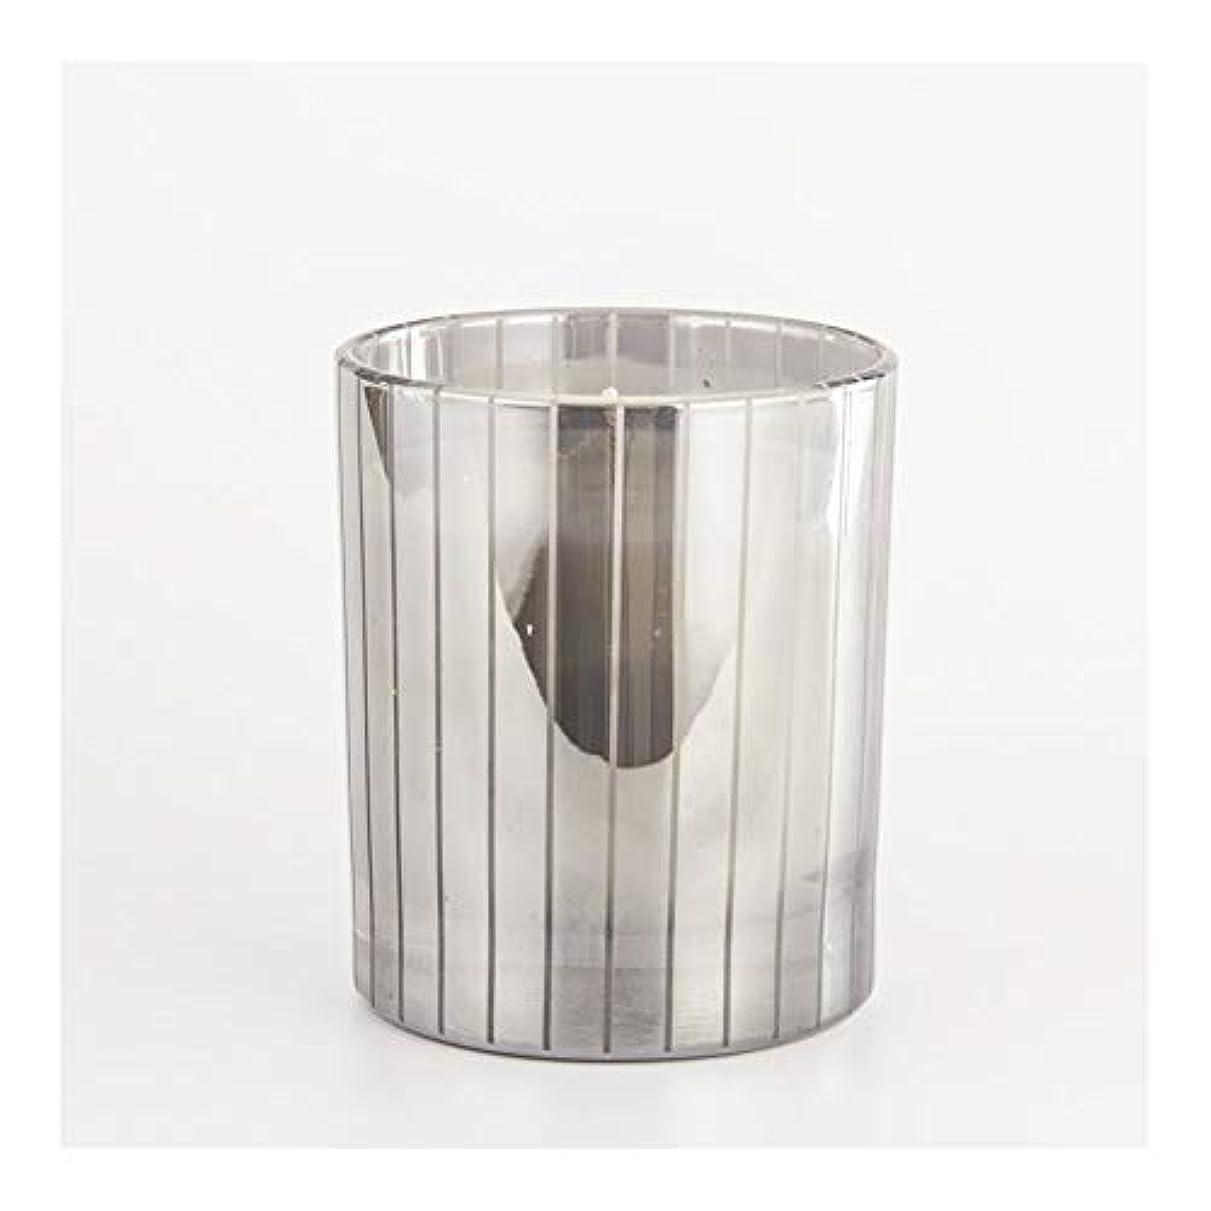 実行するマーベル写真を撮るACAO シルバーストライプカップキャンドルカップワックスワックスアロマセラピーキャンドルガラスワックスカップ